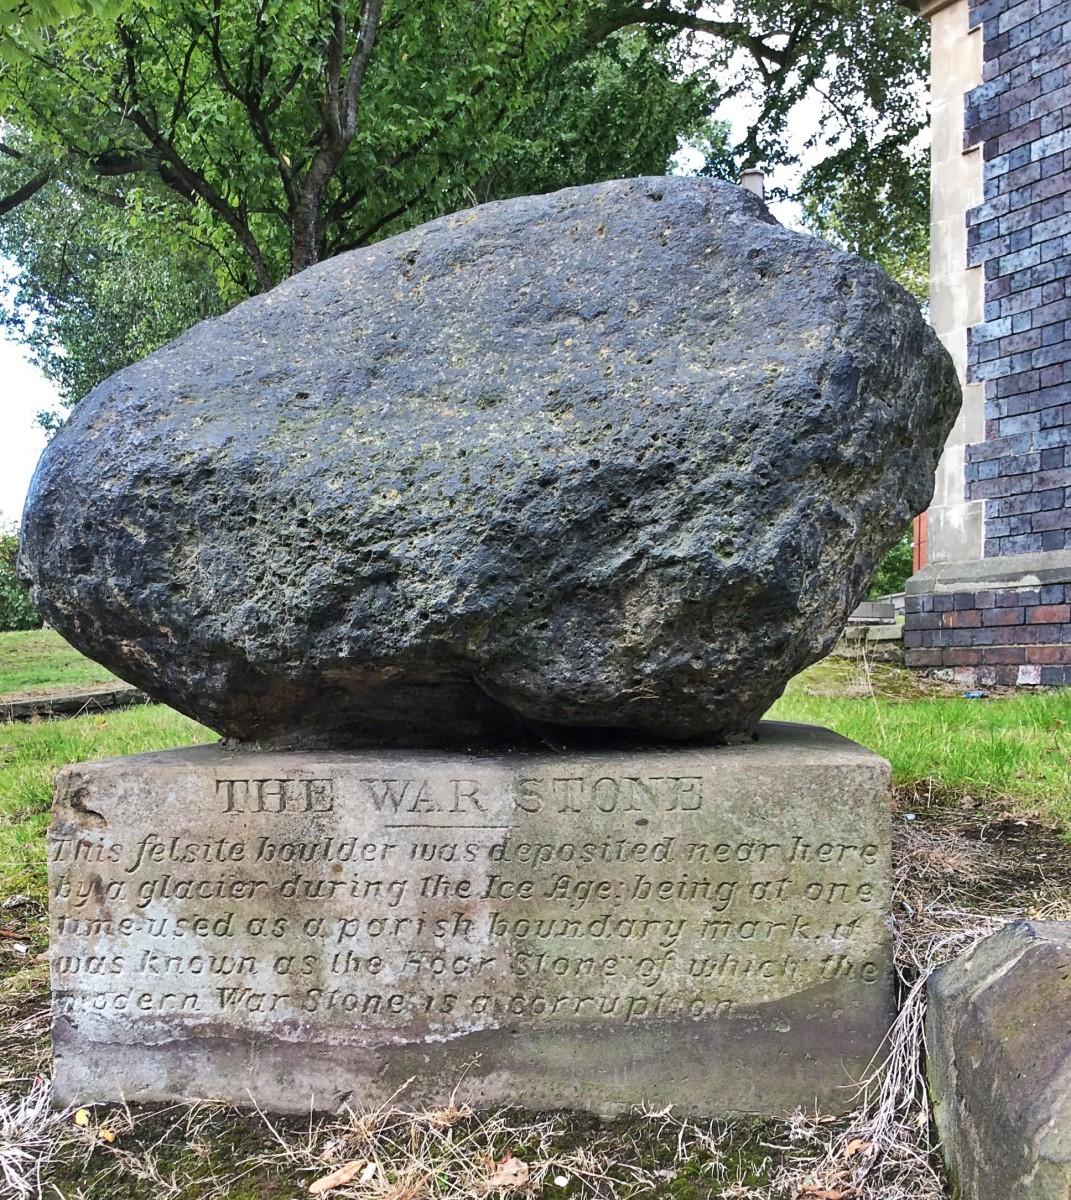 The War Stone